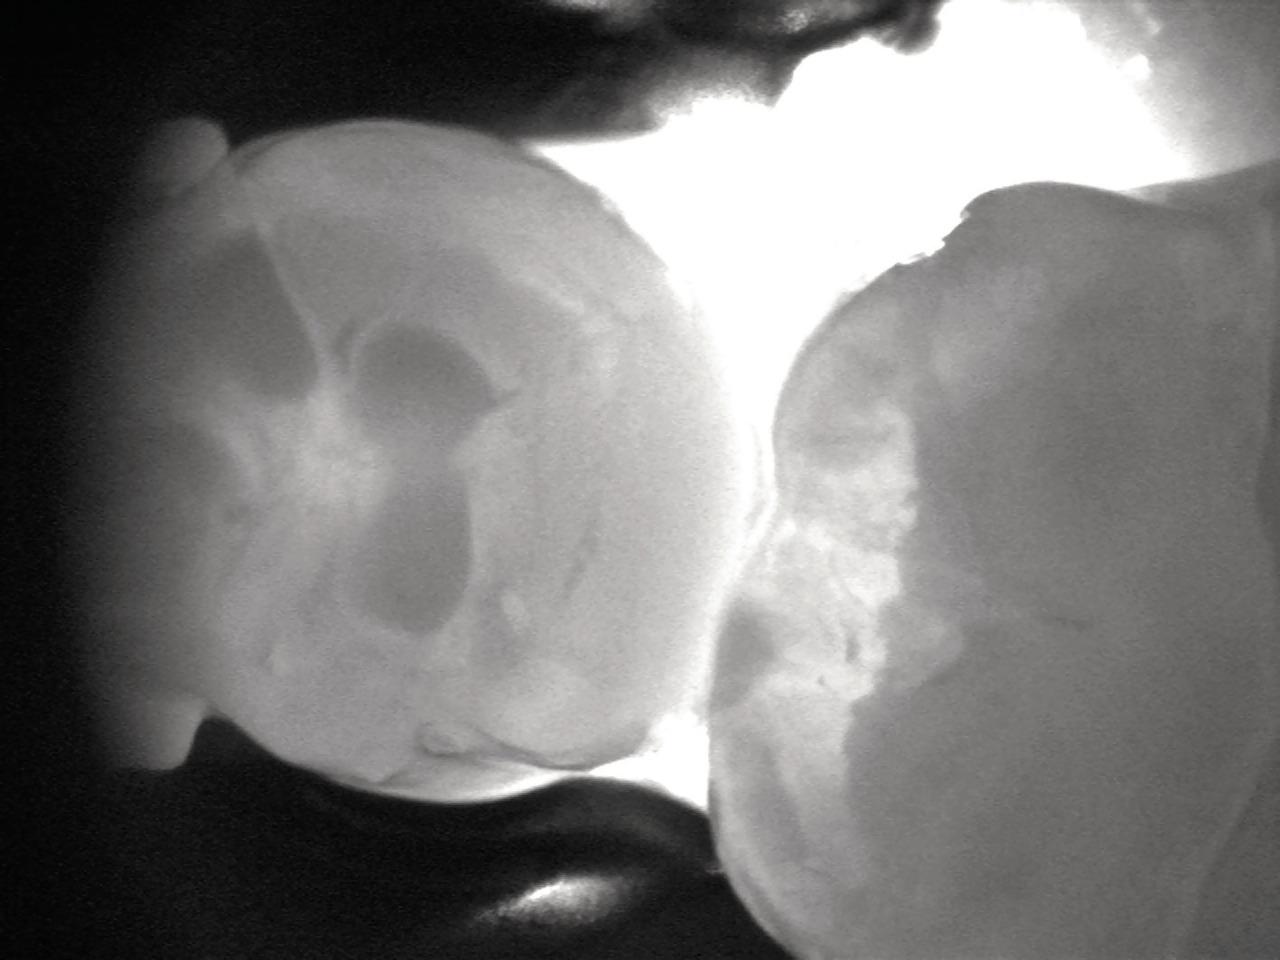 Рис. 1. Поражение зуба в пределах эмали, при котором эффективно консервативное лечение.